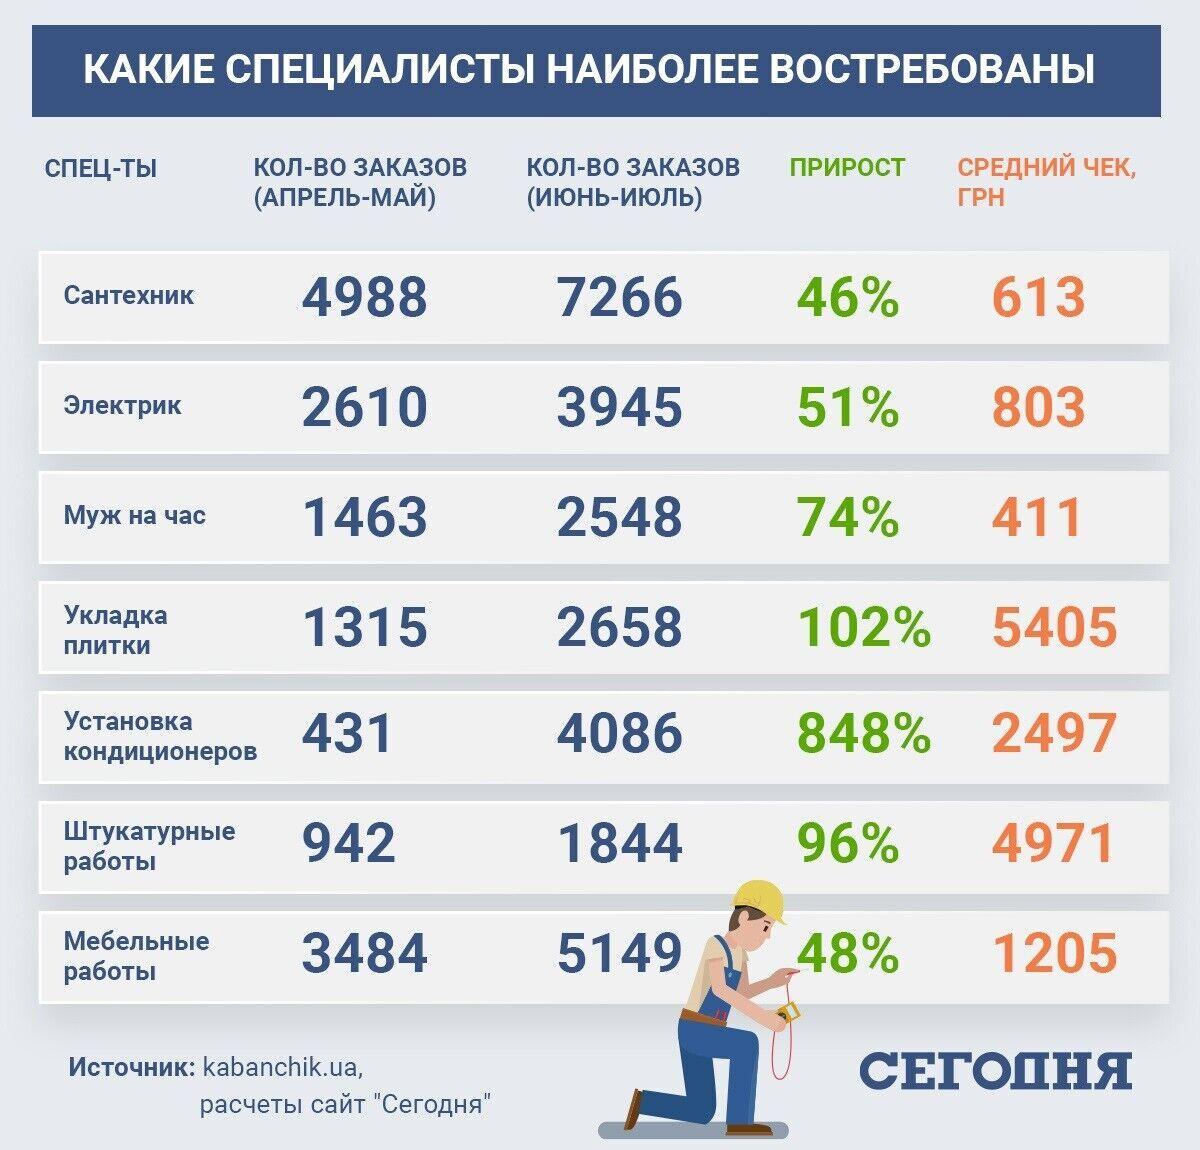 На какие услуги возрос спрос в Украине во время карантина